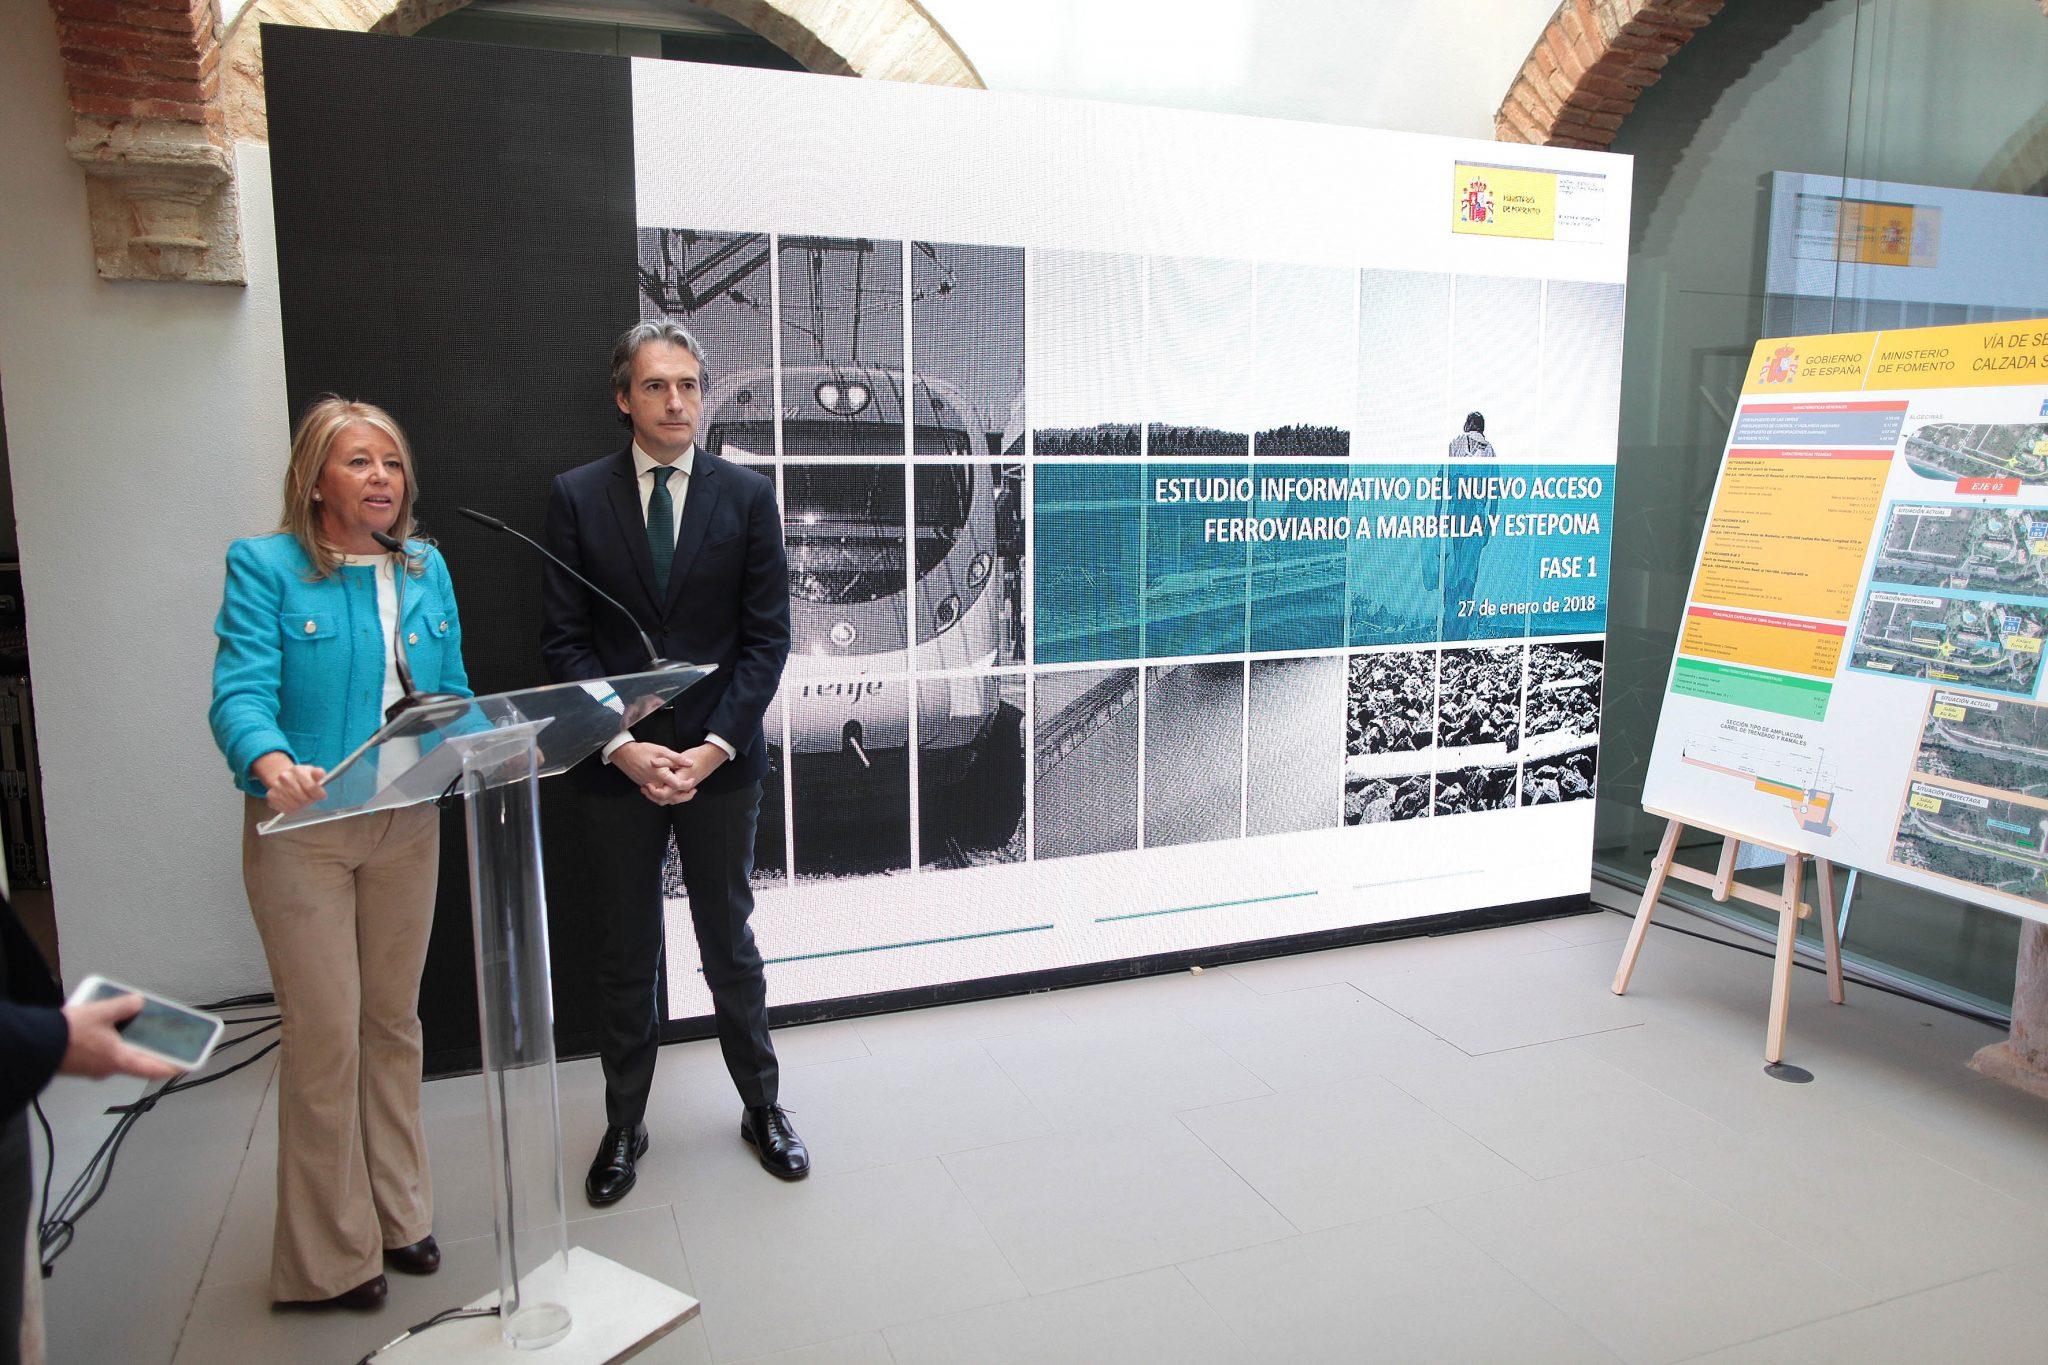 El ministro de Fomento se compromete a rescatar la partida presupuestaria que permita ampliar el Museo del Grabado